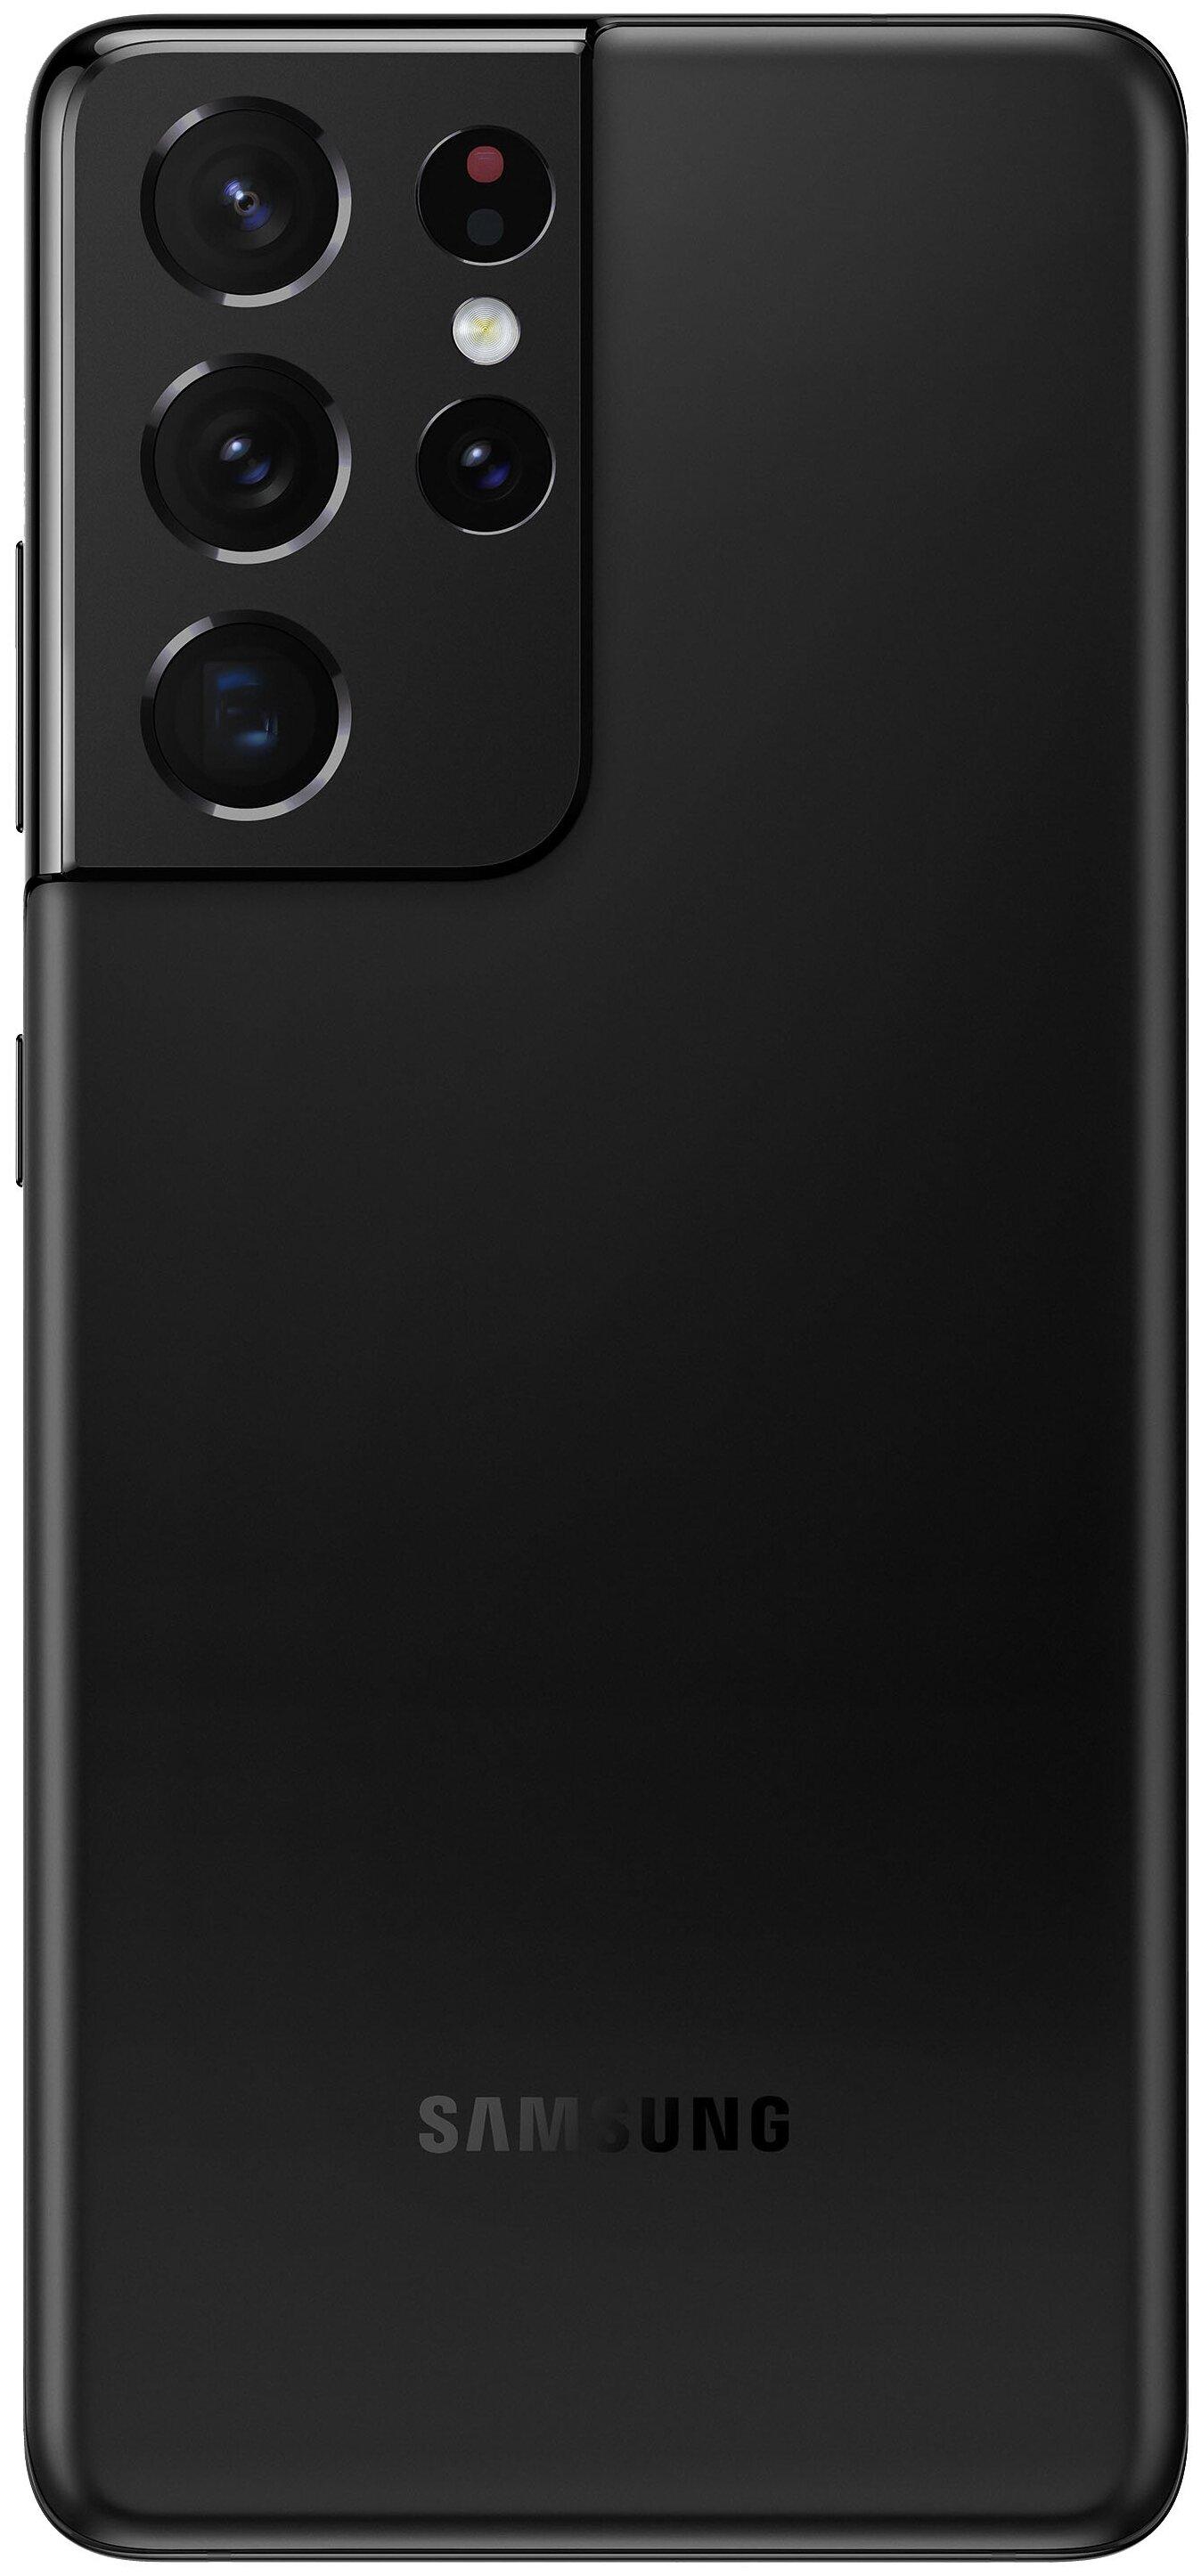 Samsung Galaxy S21 Ultra 5G 12/128GB - оперативная память: 12ГБ